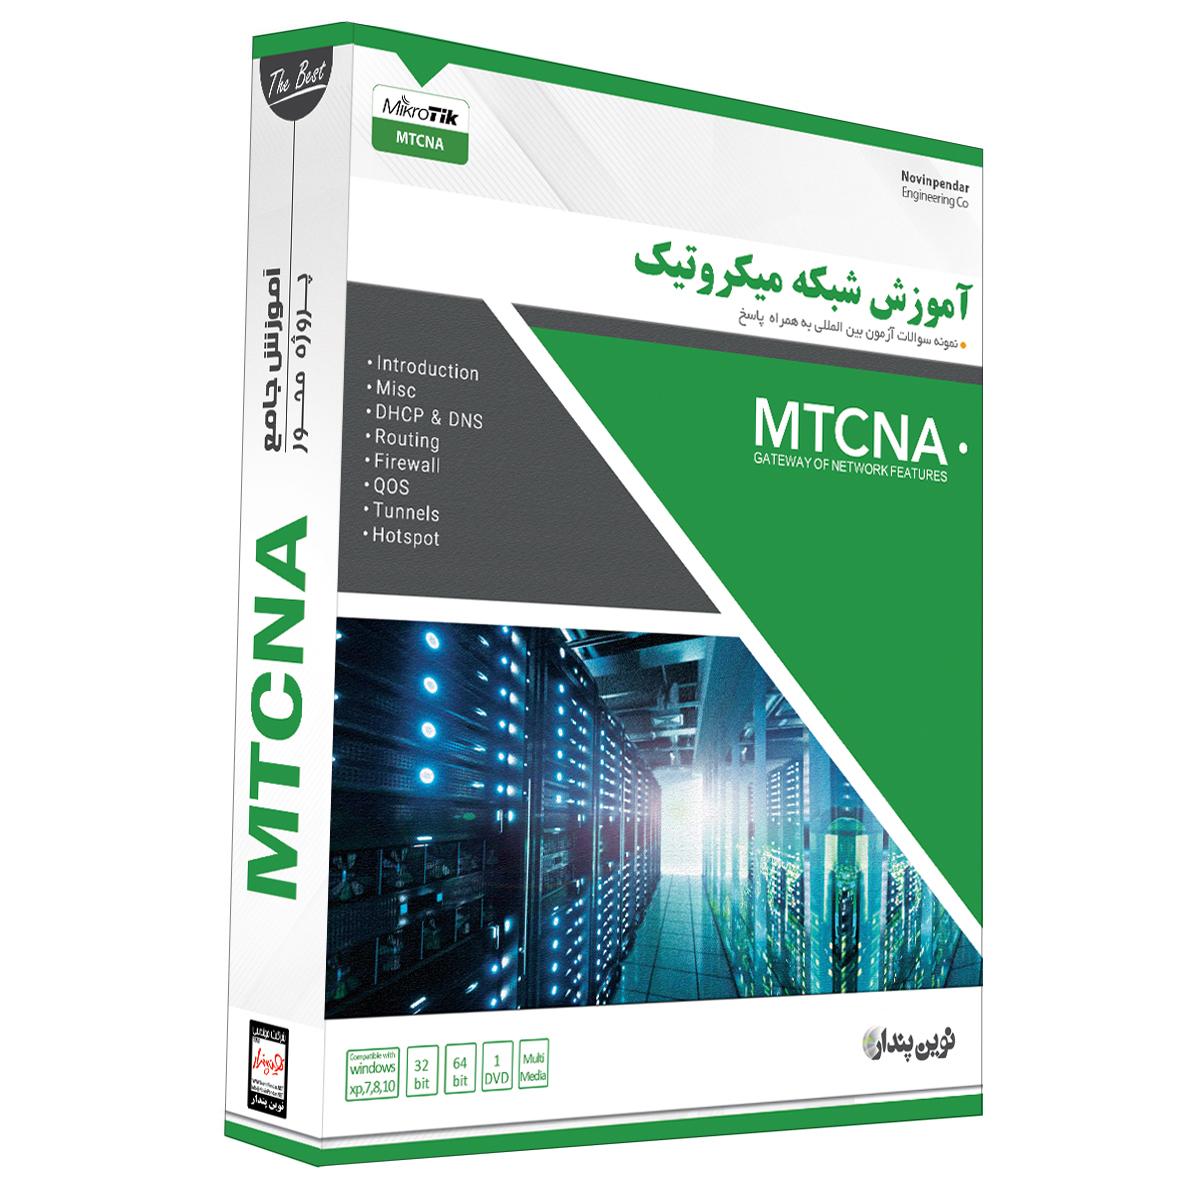 نرم افزار آموزش شبکه میکروتیک MTCNA نشر نوین پندار